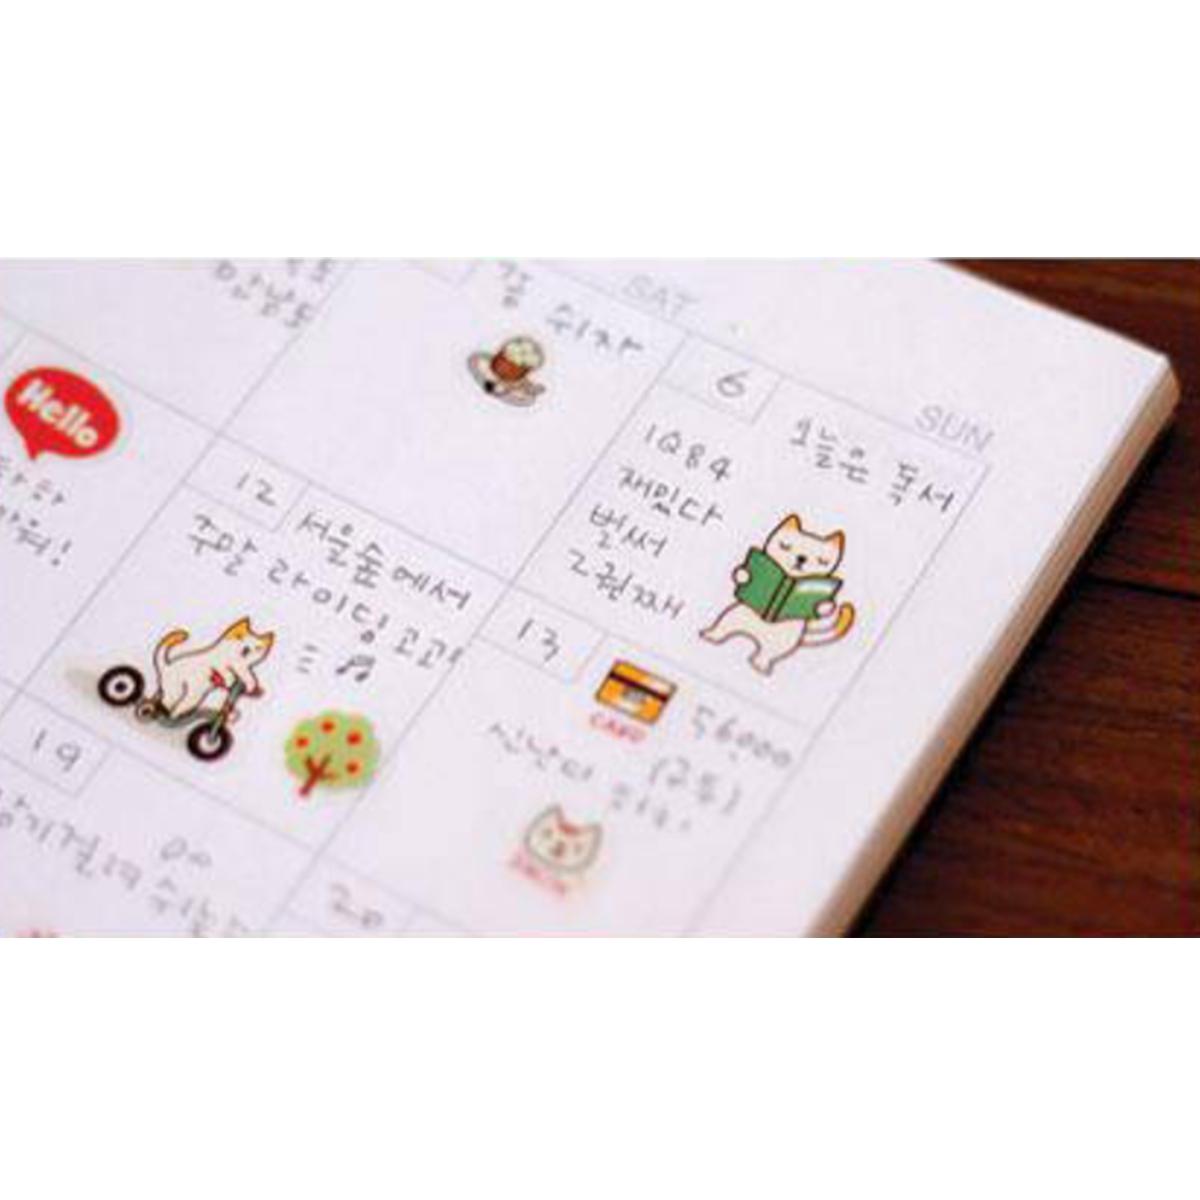 6 Diario Adesivo Prenota Note Sticker Scrapbook Calendario